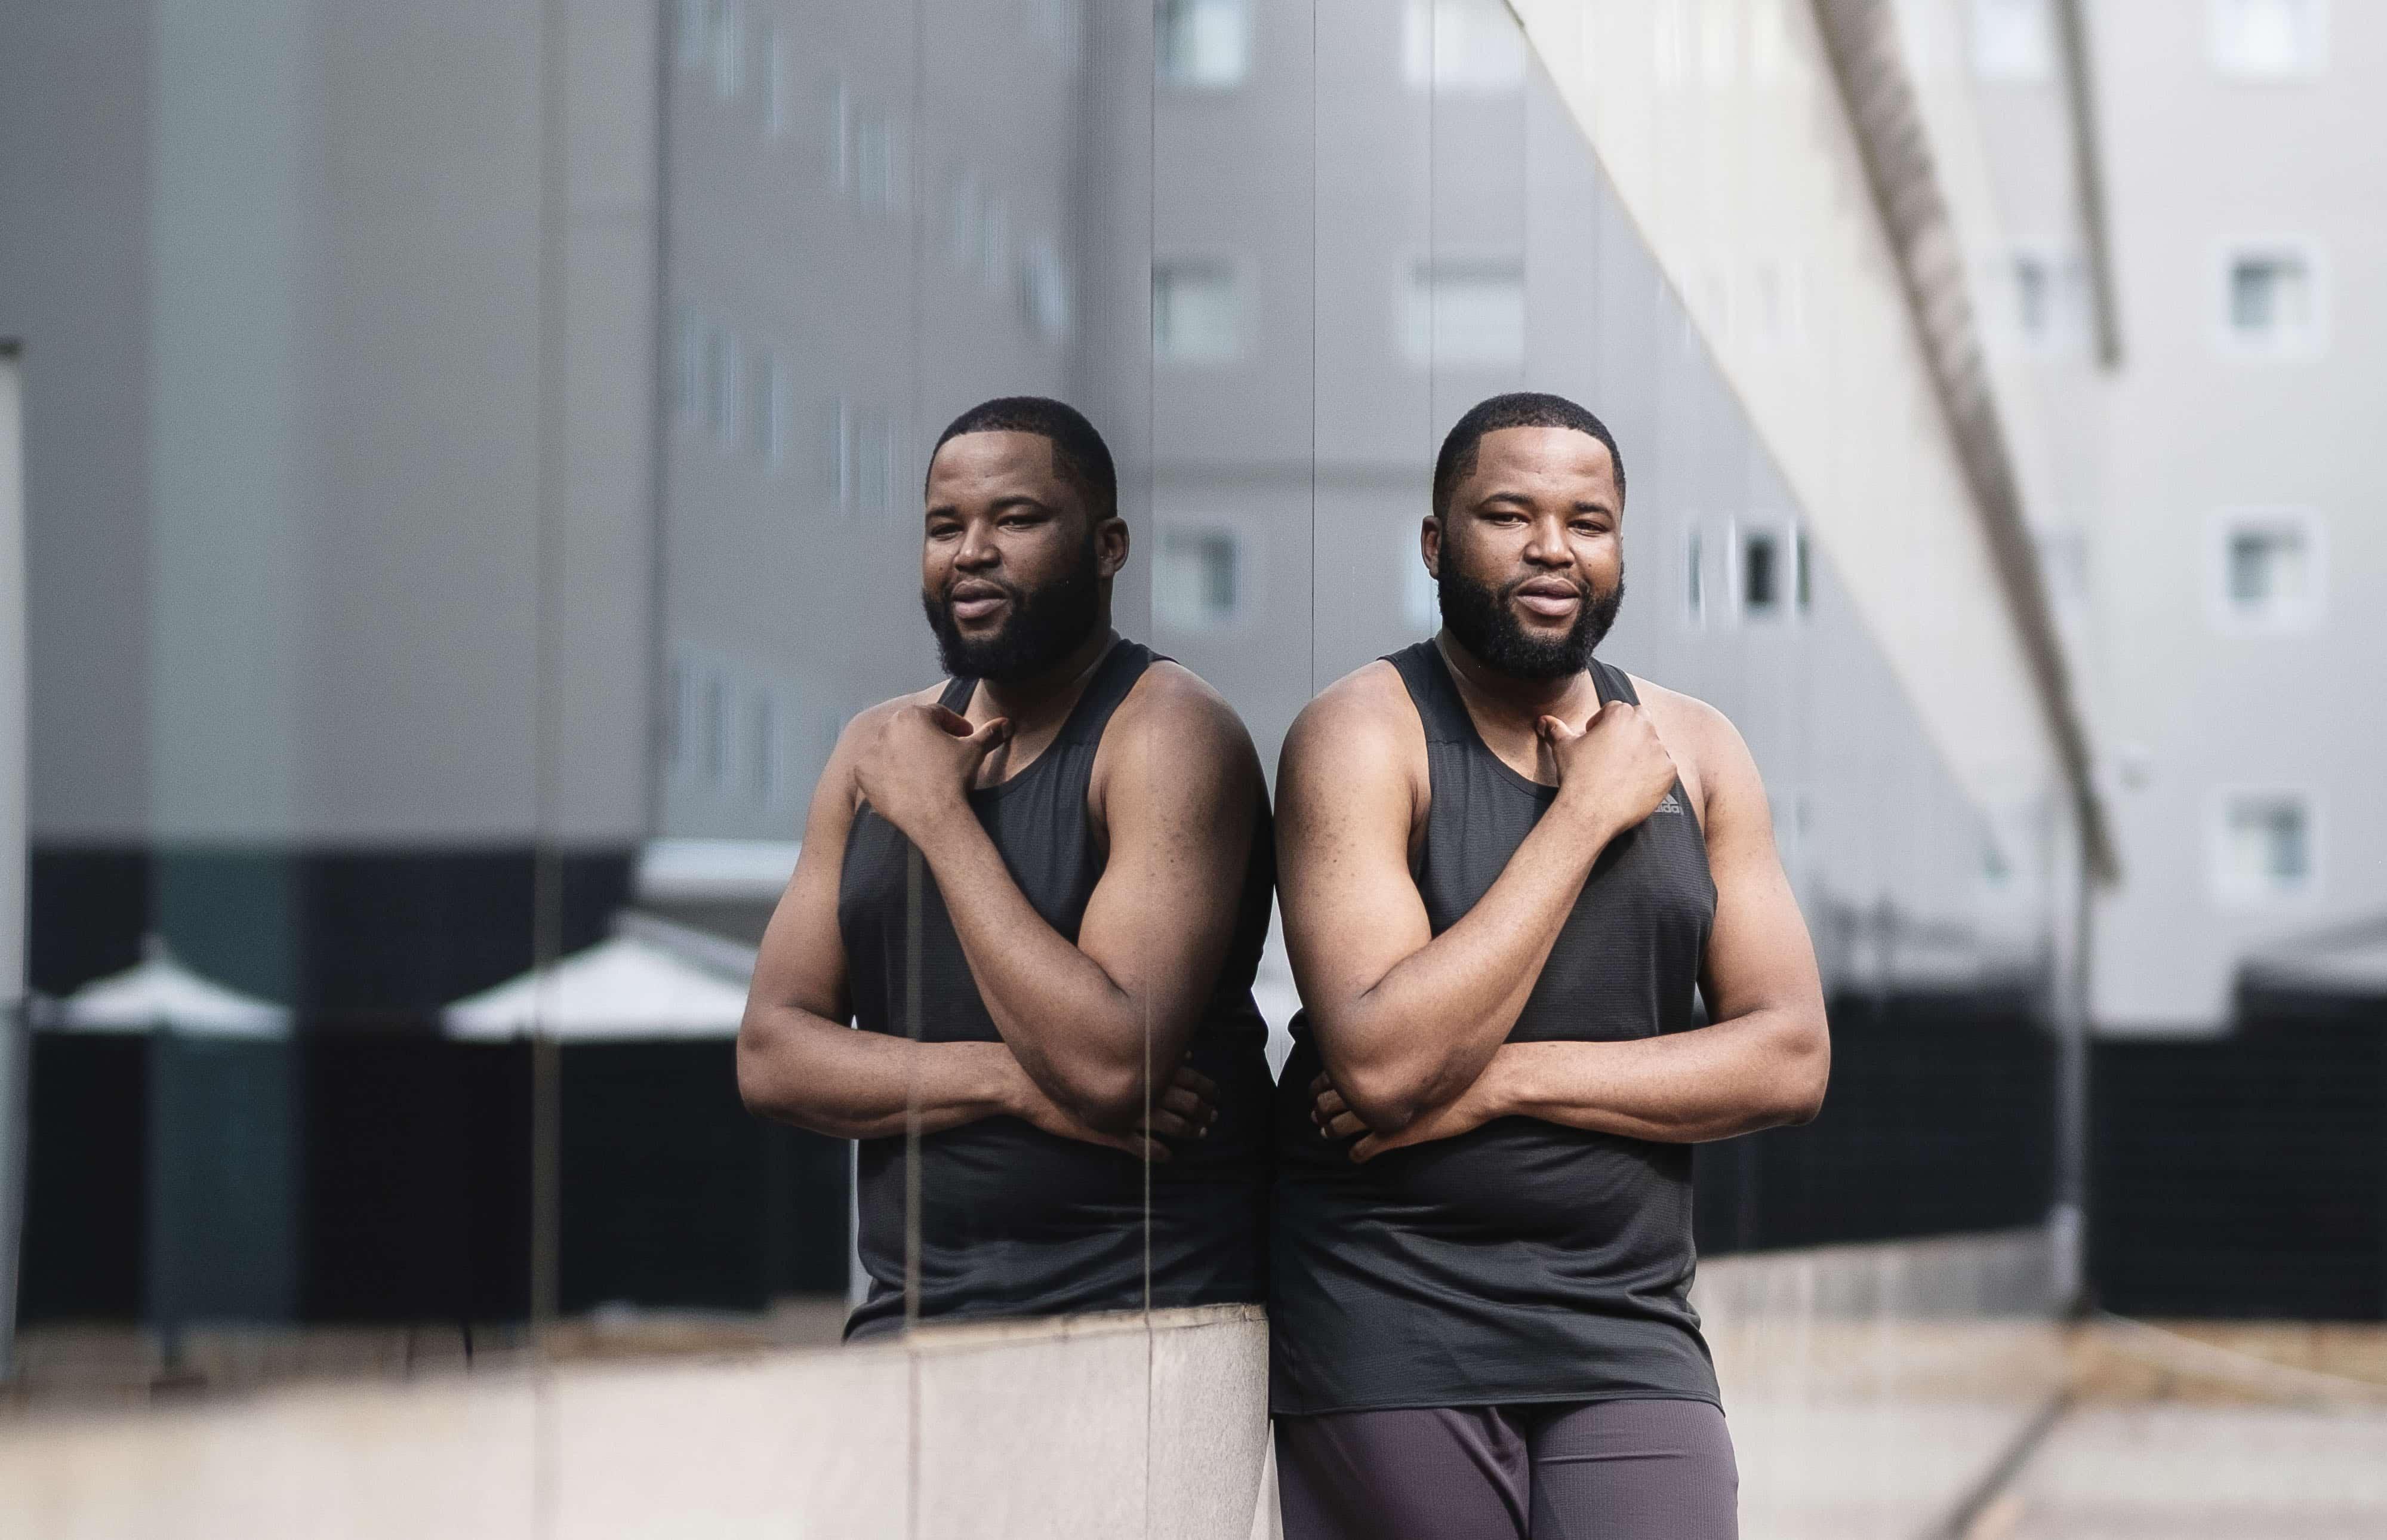 emmanuel bonoko giving entrepreneur advice